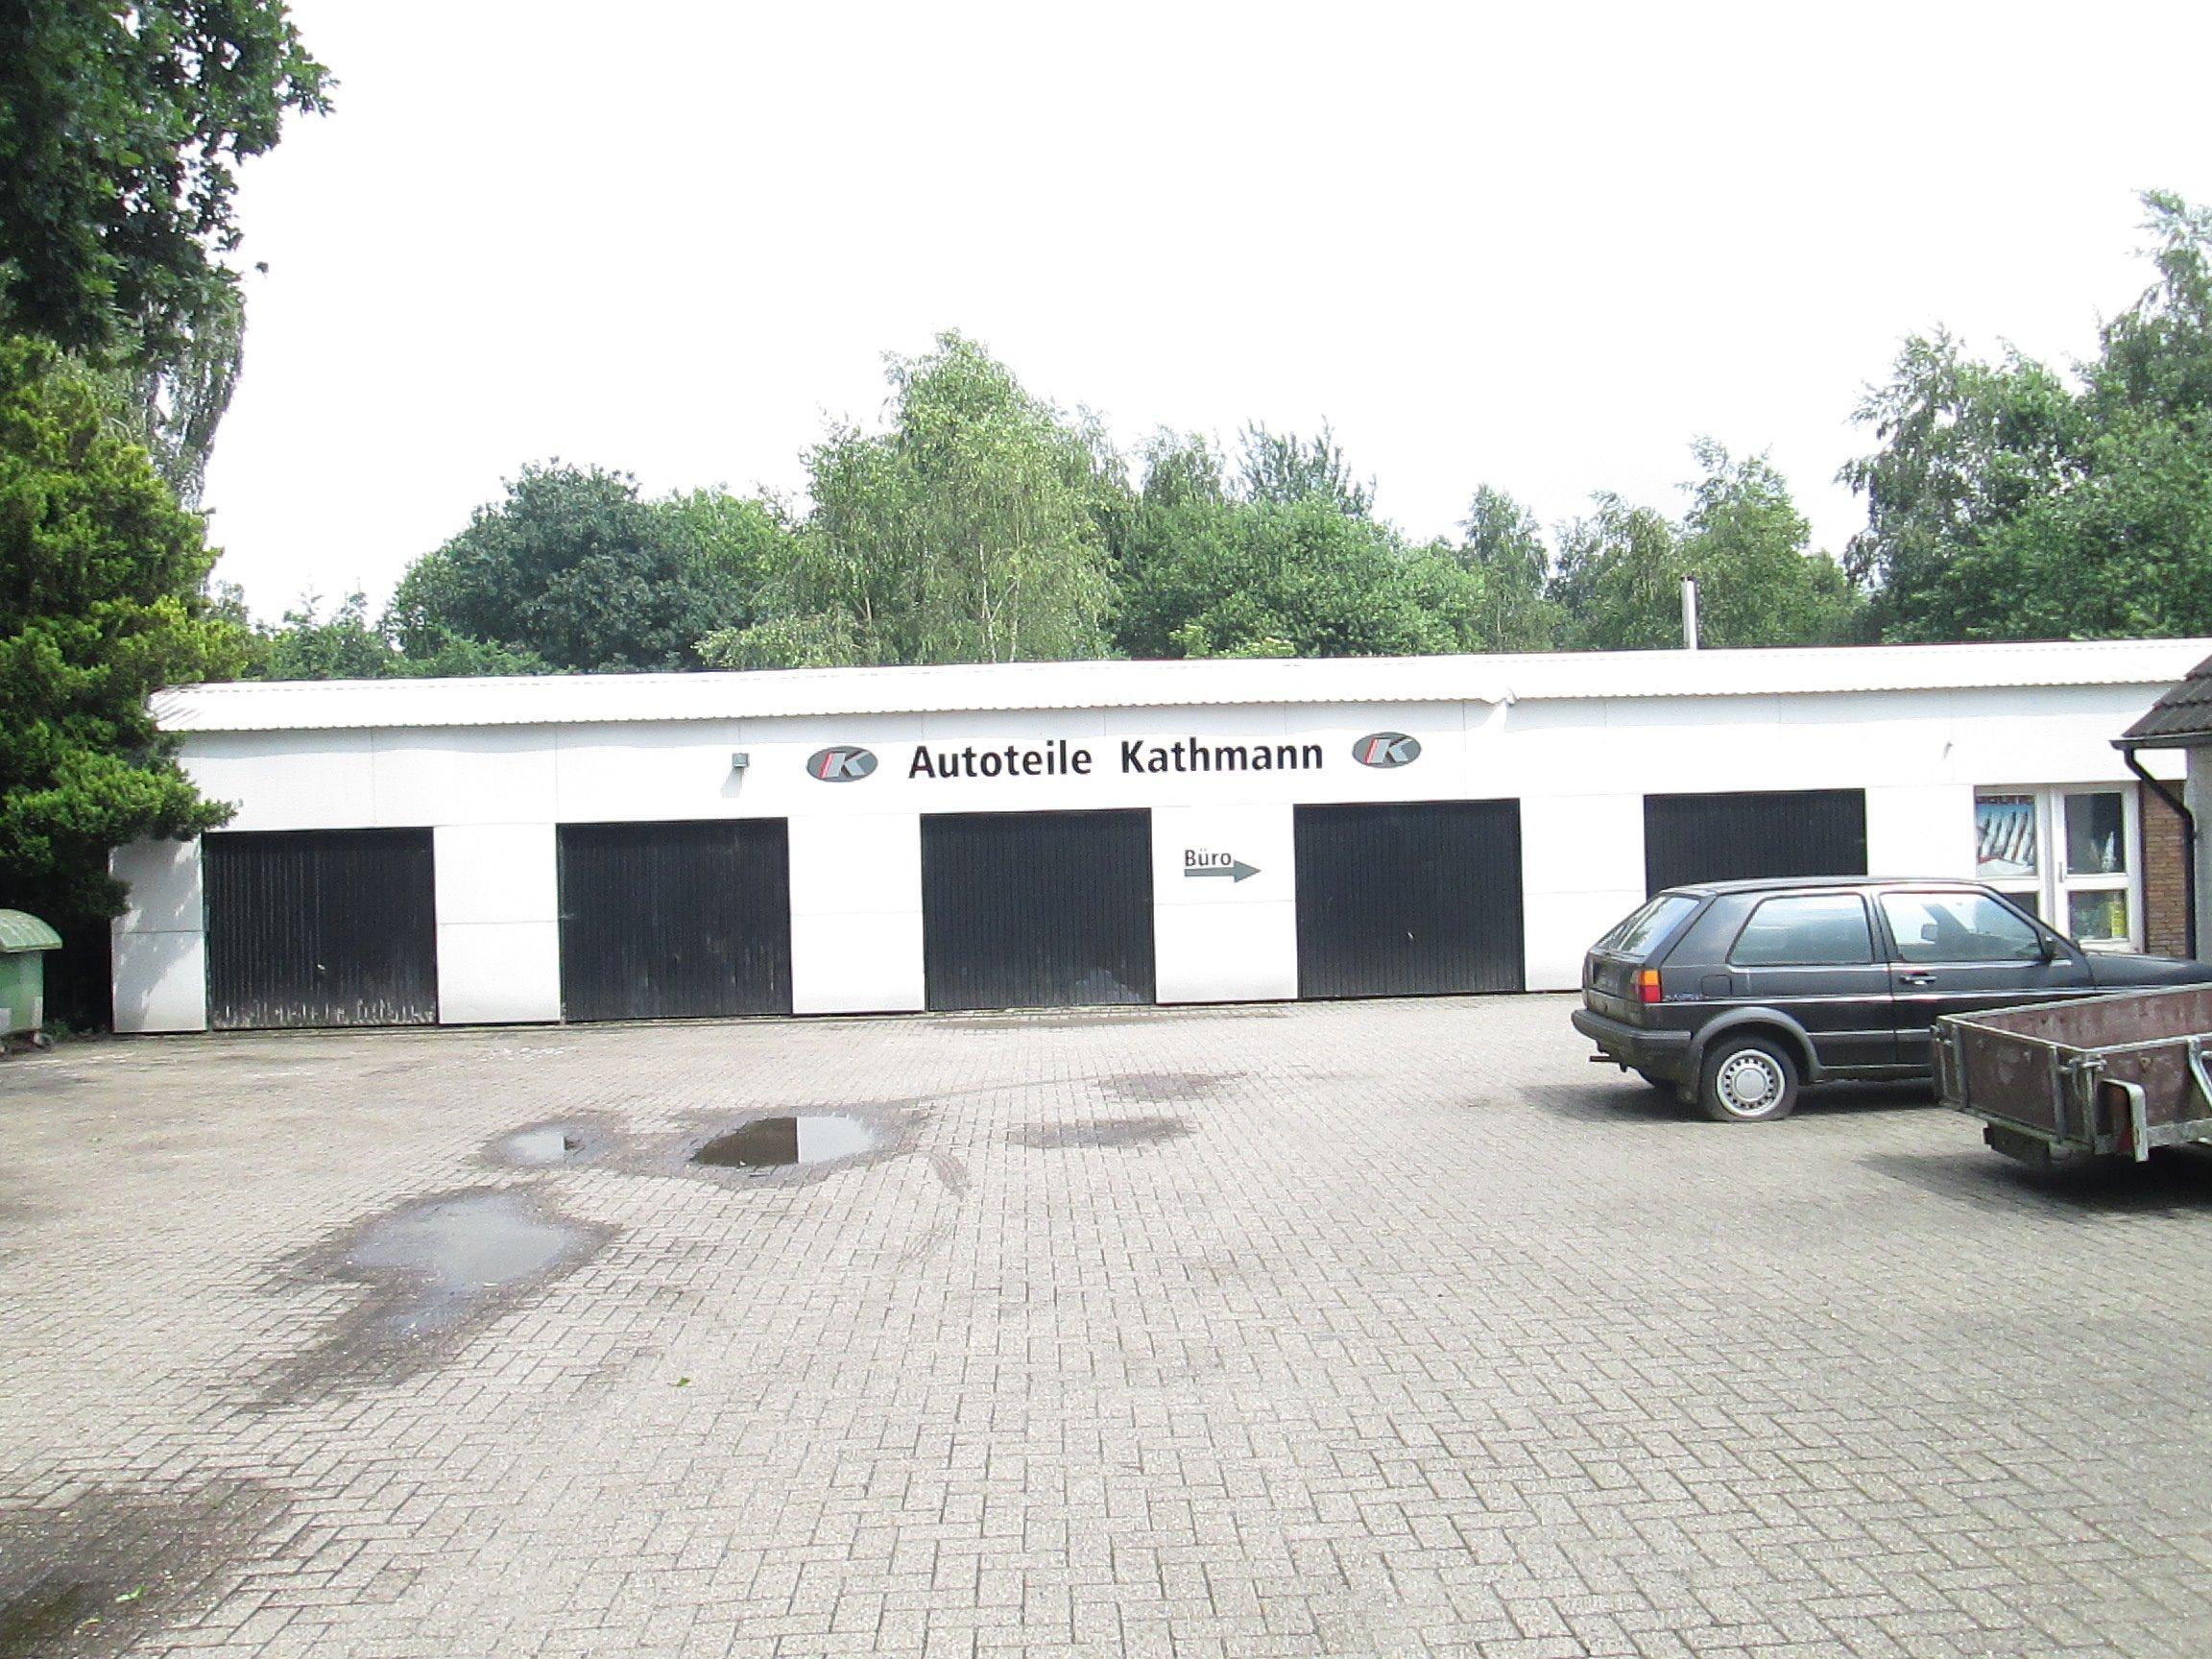 Autoverwertung Kathmann - Öffnungszeiten Autoverwertung Kathmann ...